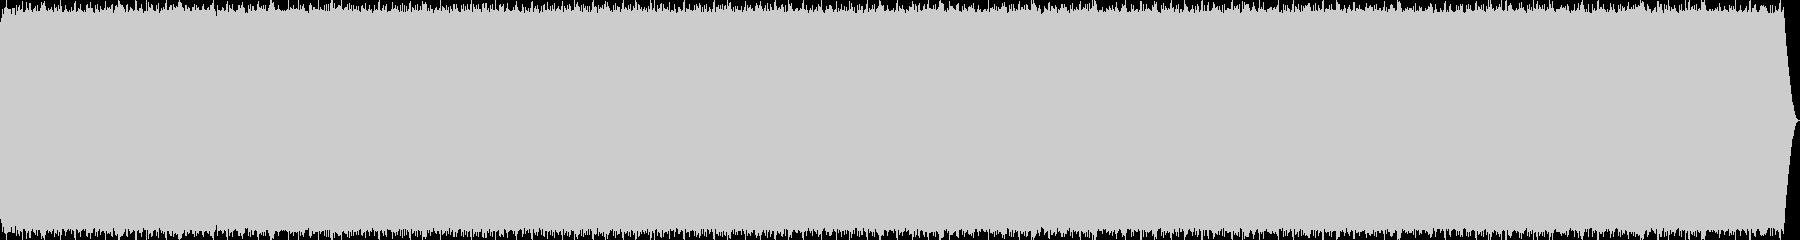 ダンスエクササイズBPM120:15分の未再生の波形